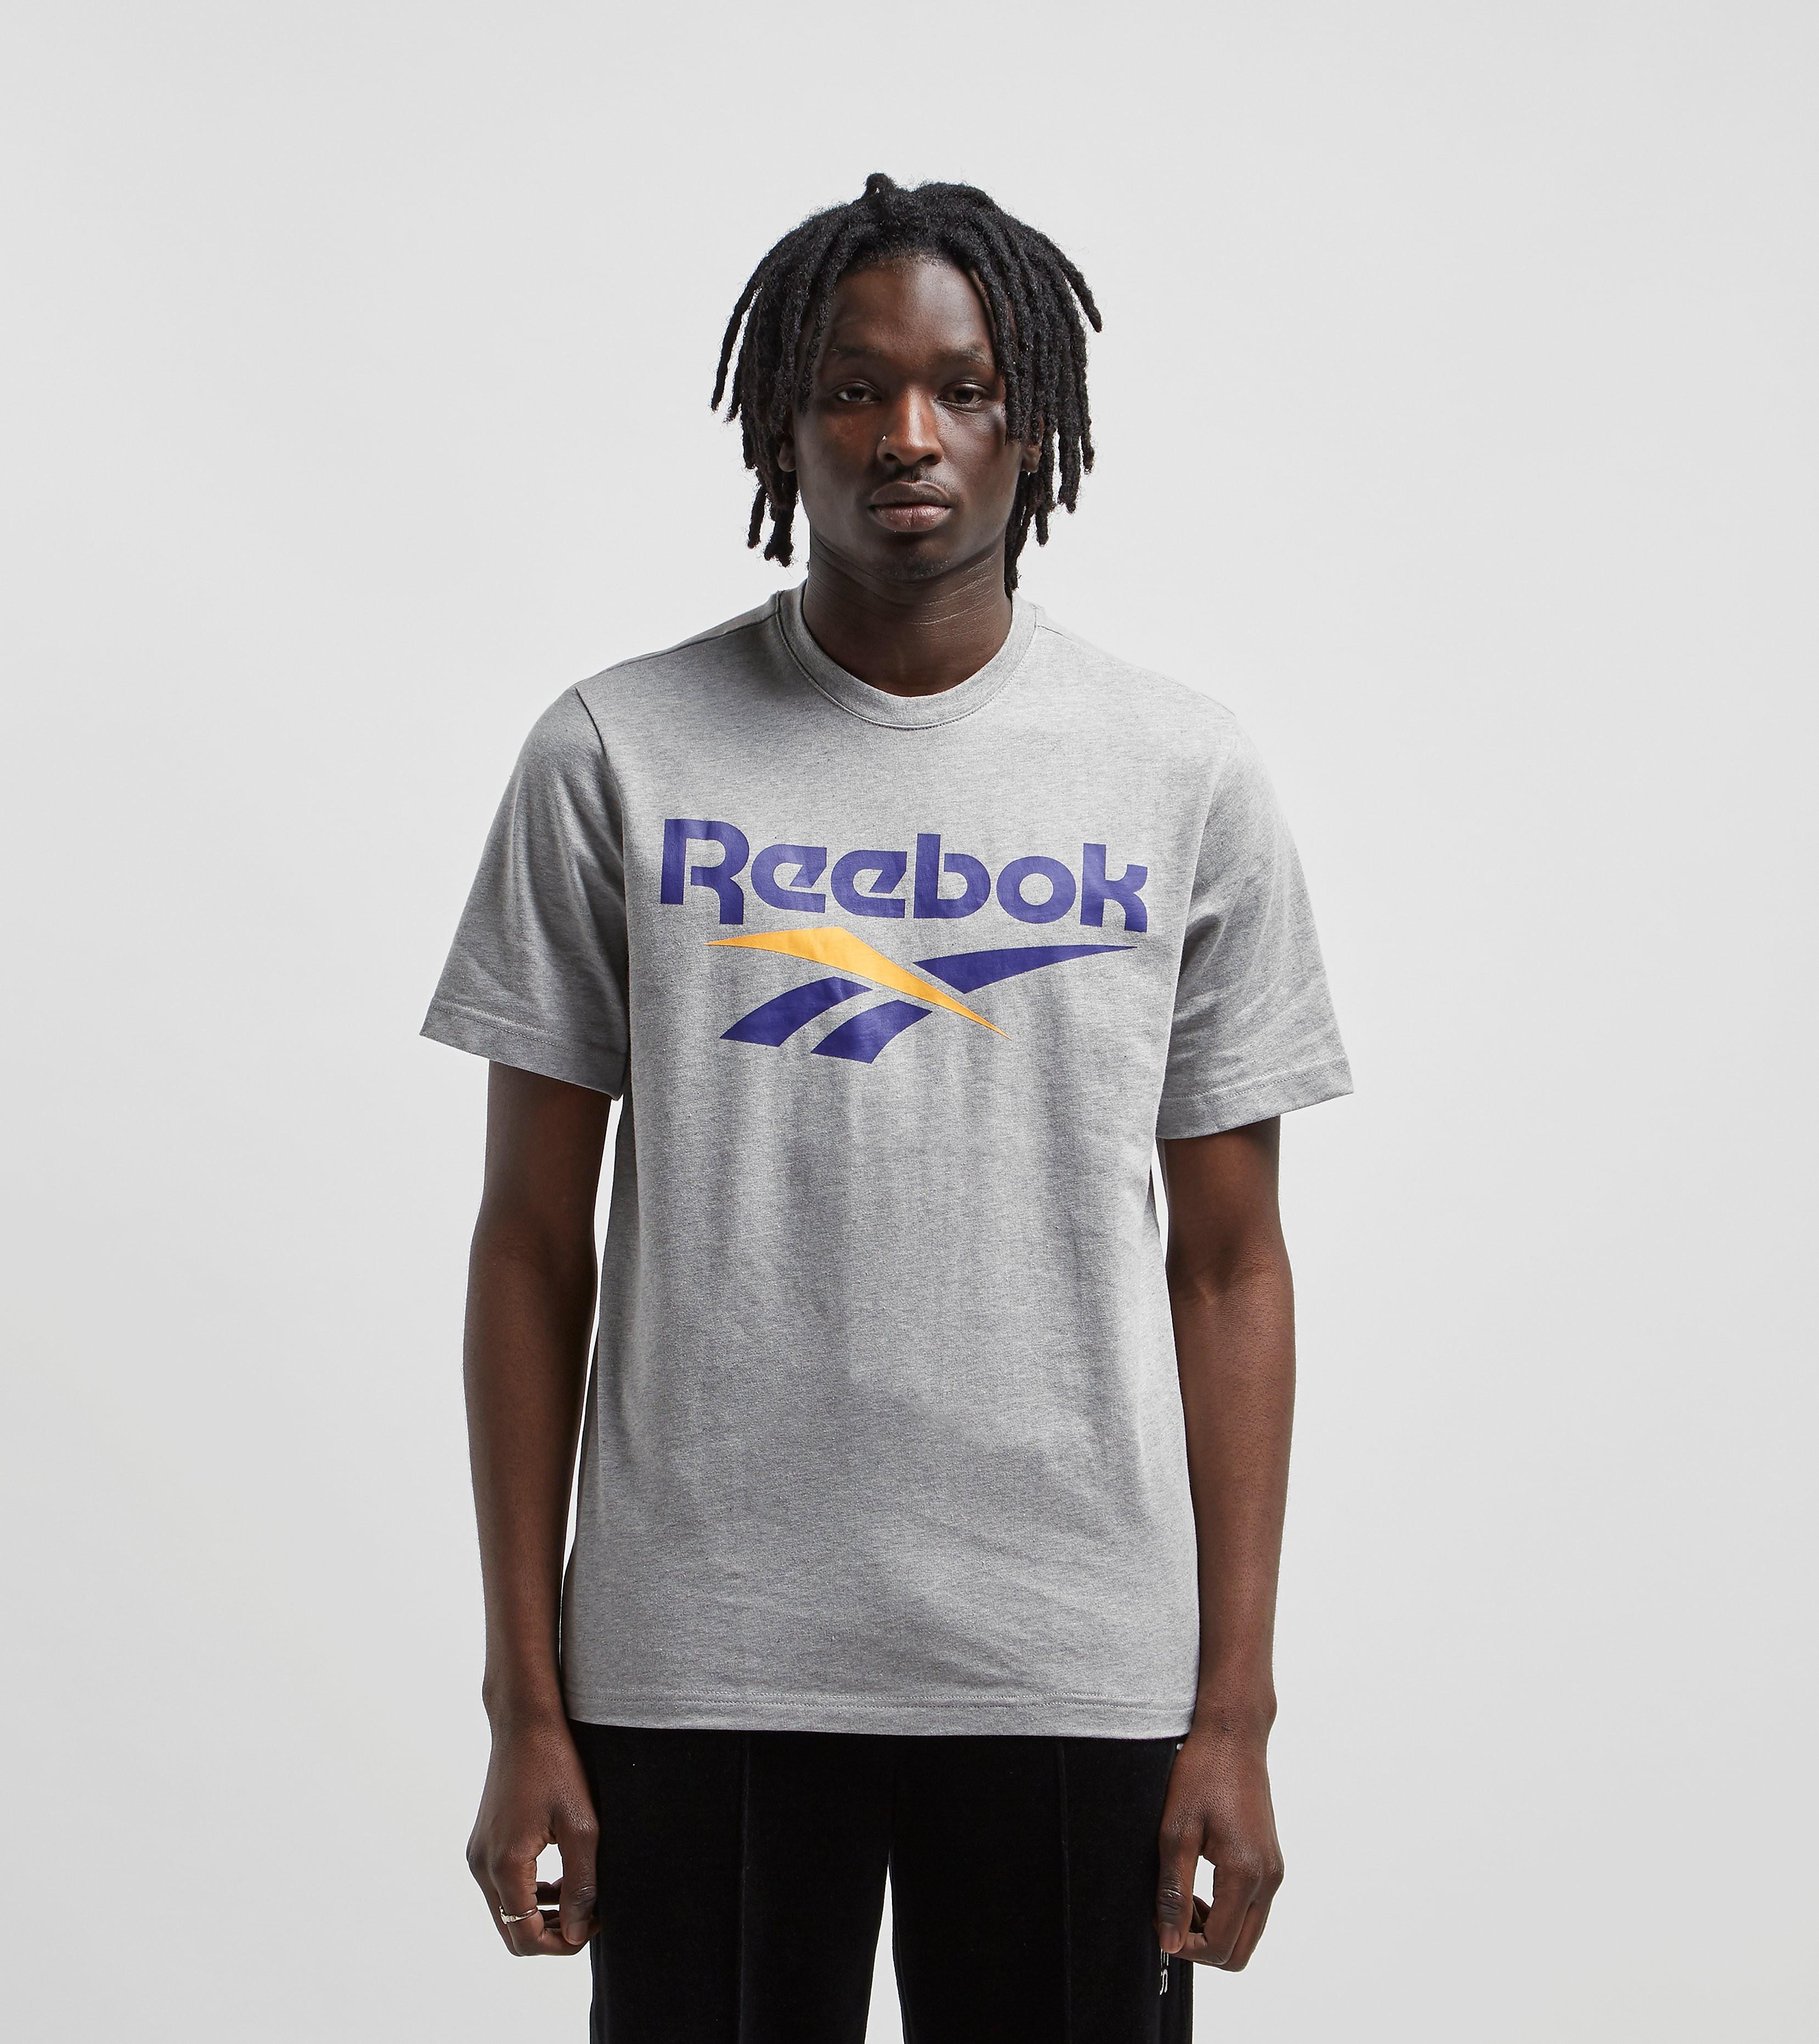 Reebok Vector T-Shirt